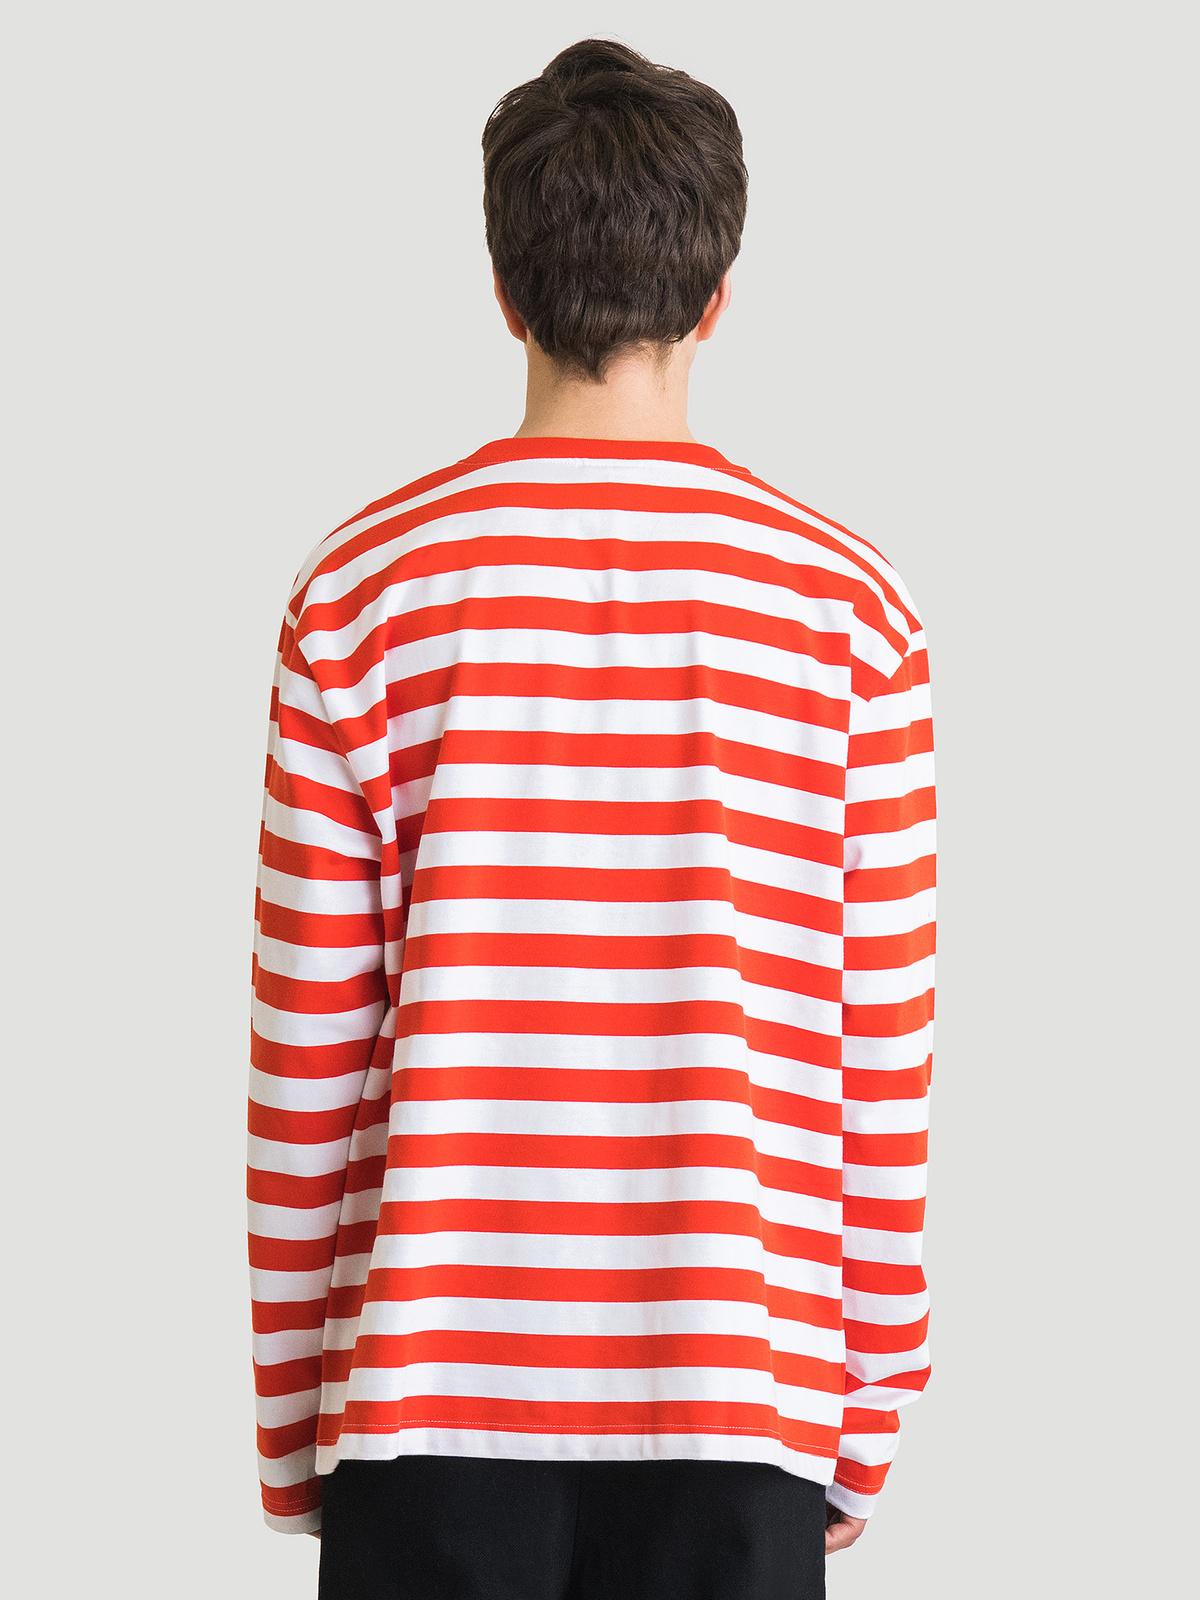 Hanger Striped Longsleeve Red White 10